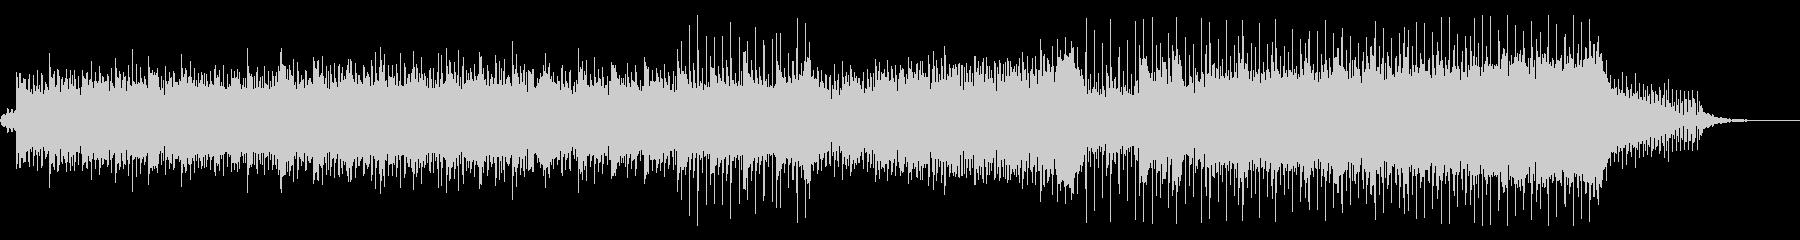 ピアノとアコギがキラキラ綺麗なBGMの未再生の波形